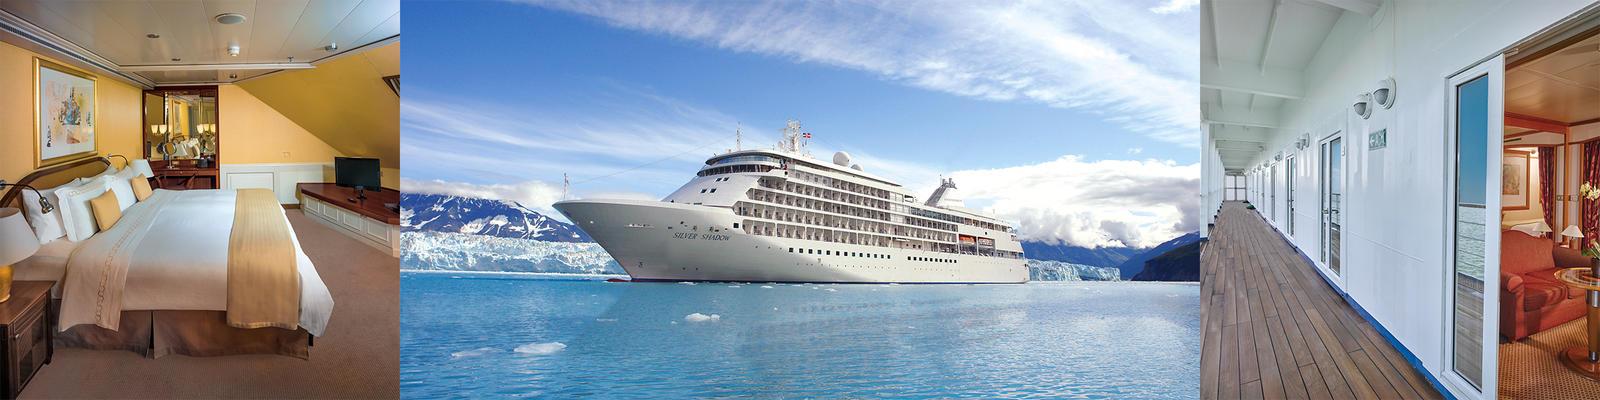 Silversea Silver Shadow Cruise Ship Review Photos Departure - Silver shadow cruise ship itinerary